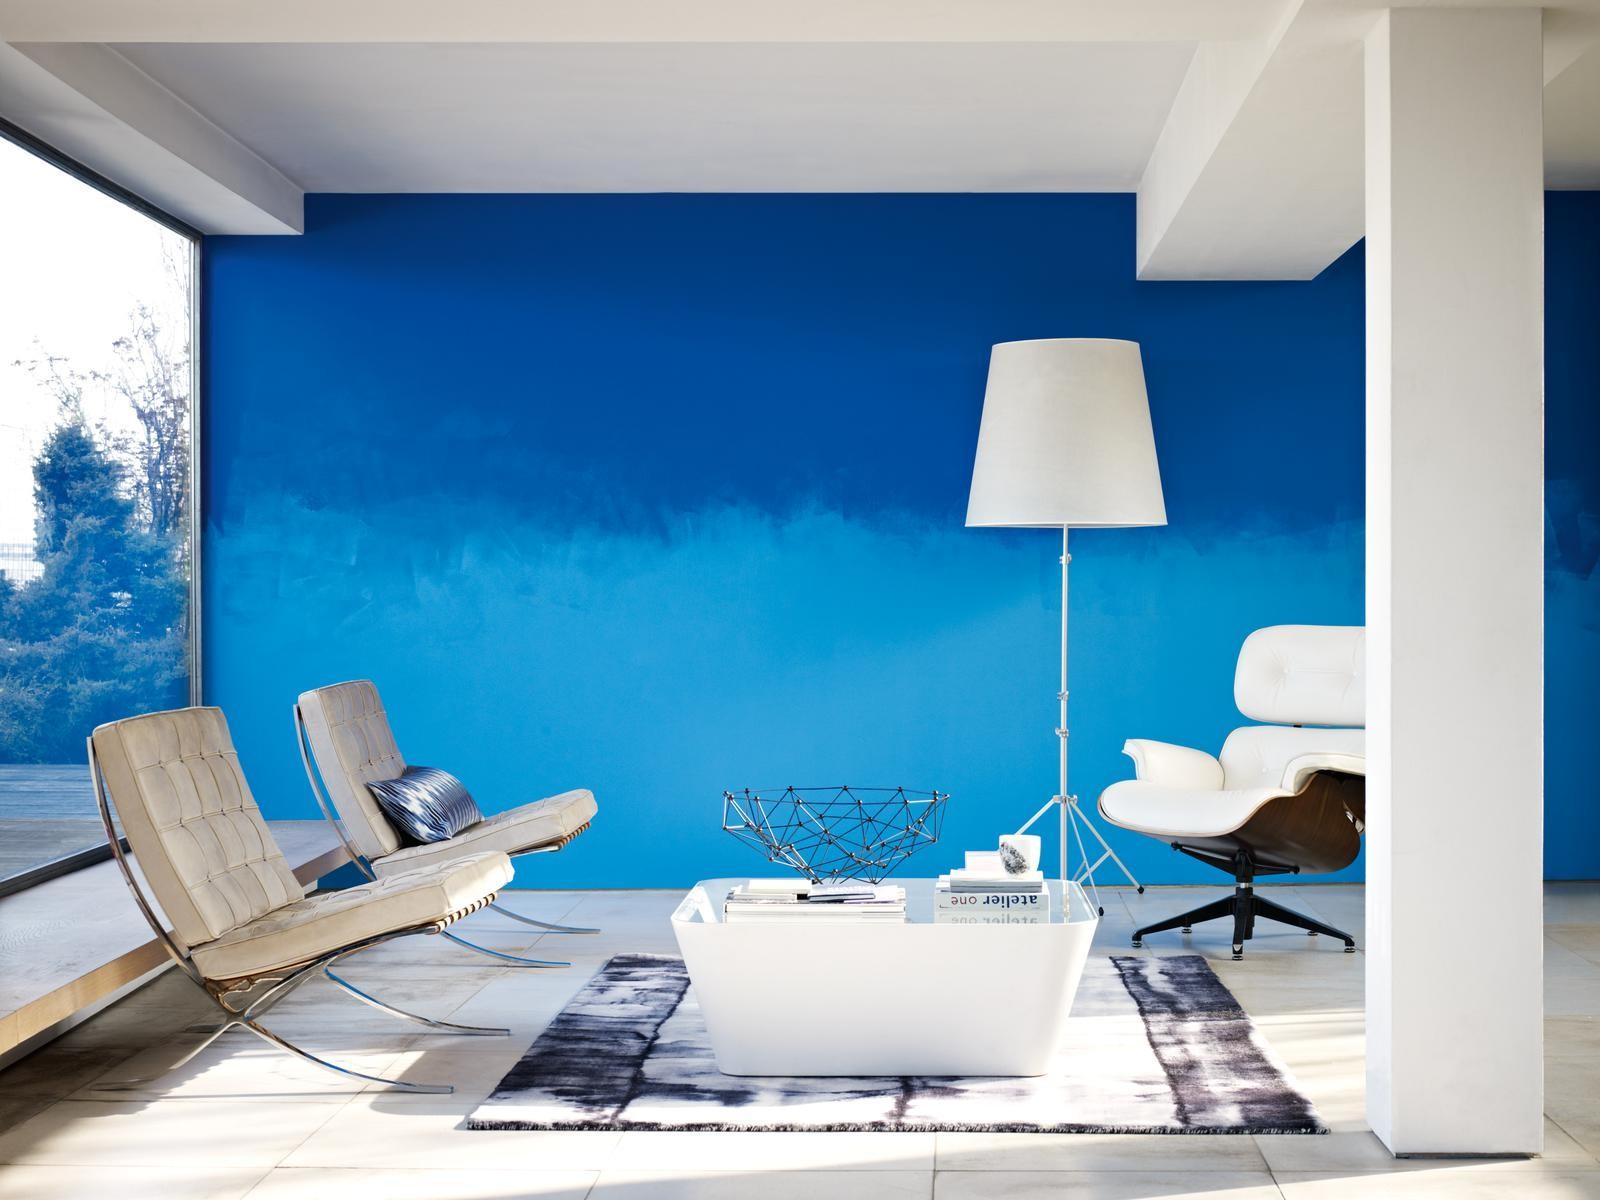 vardagsrum nordsj id design. Black Bedroom Furniture Sets. Home Design Ideas